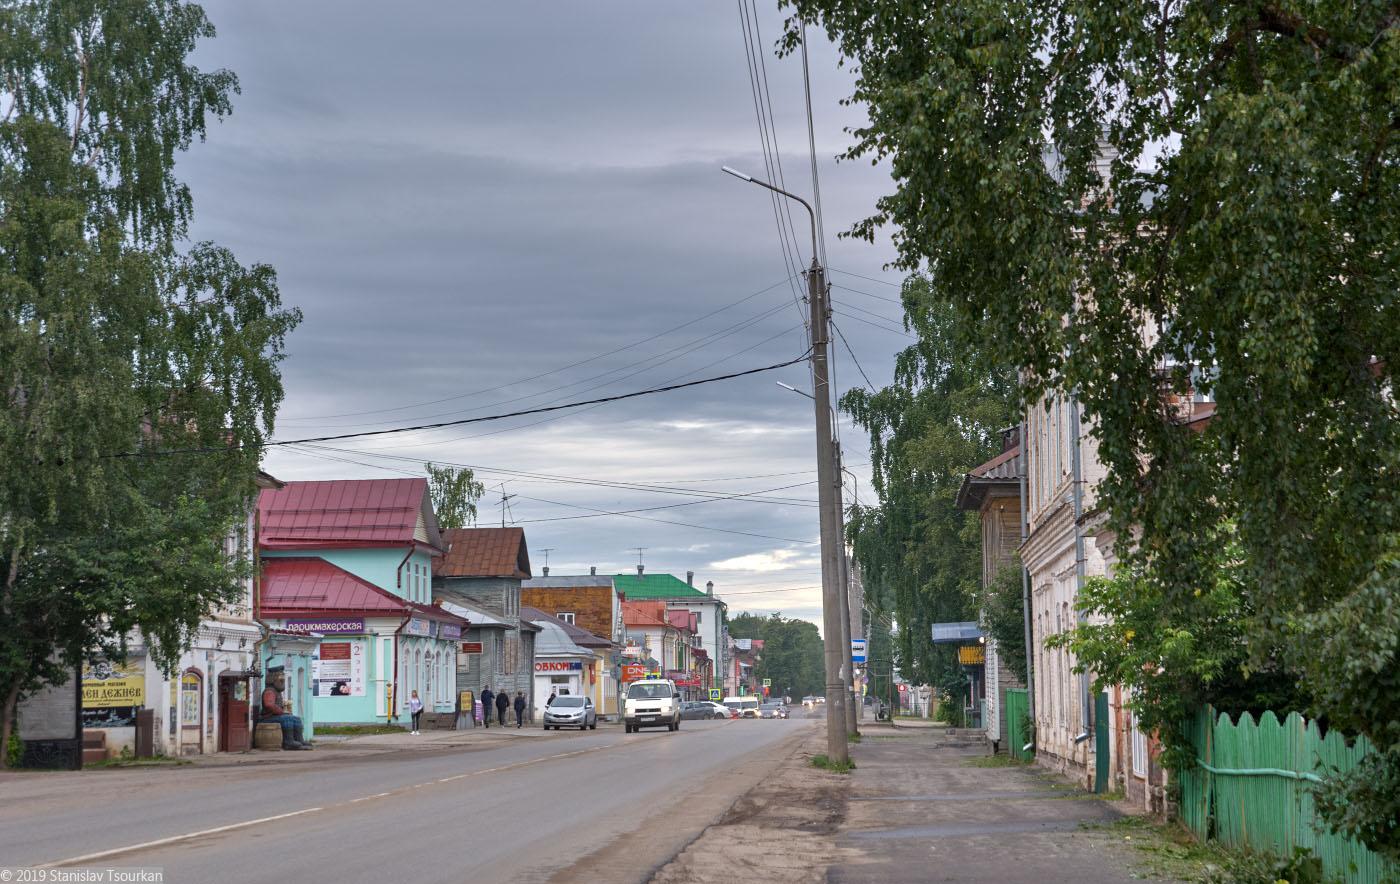 Вологодская область, Вологодчина, Великий устюг, Русский север, Красная улица